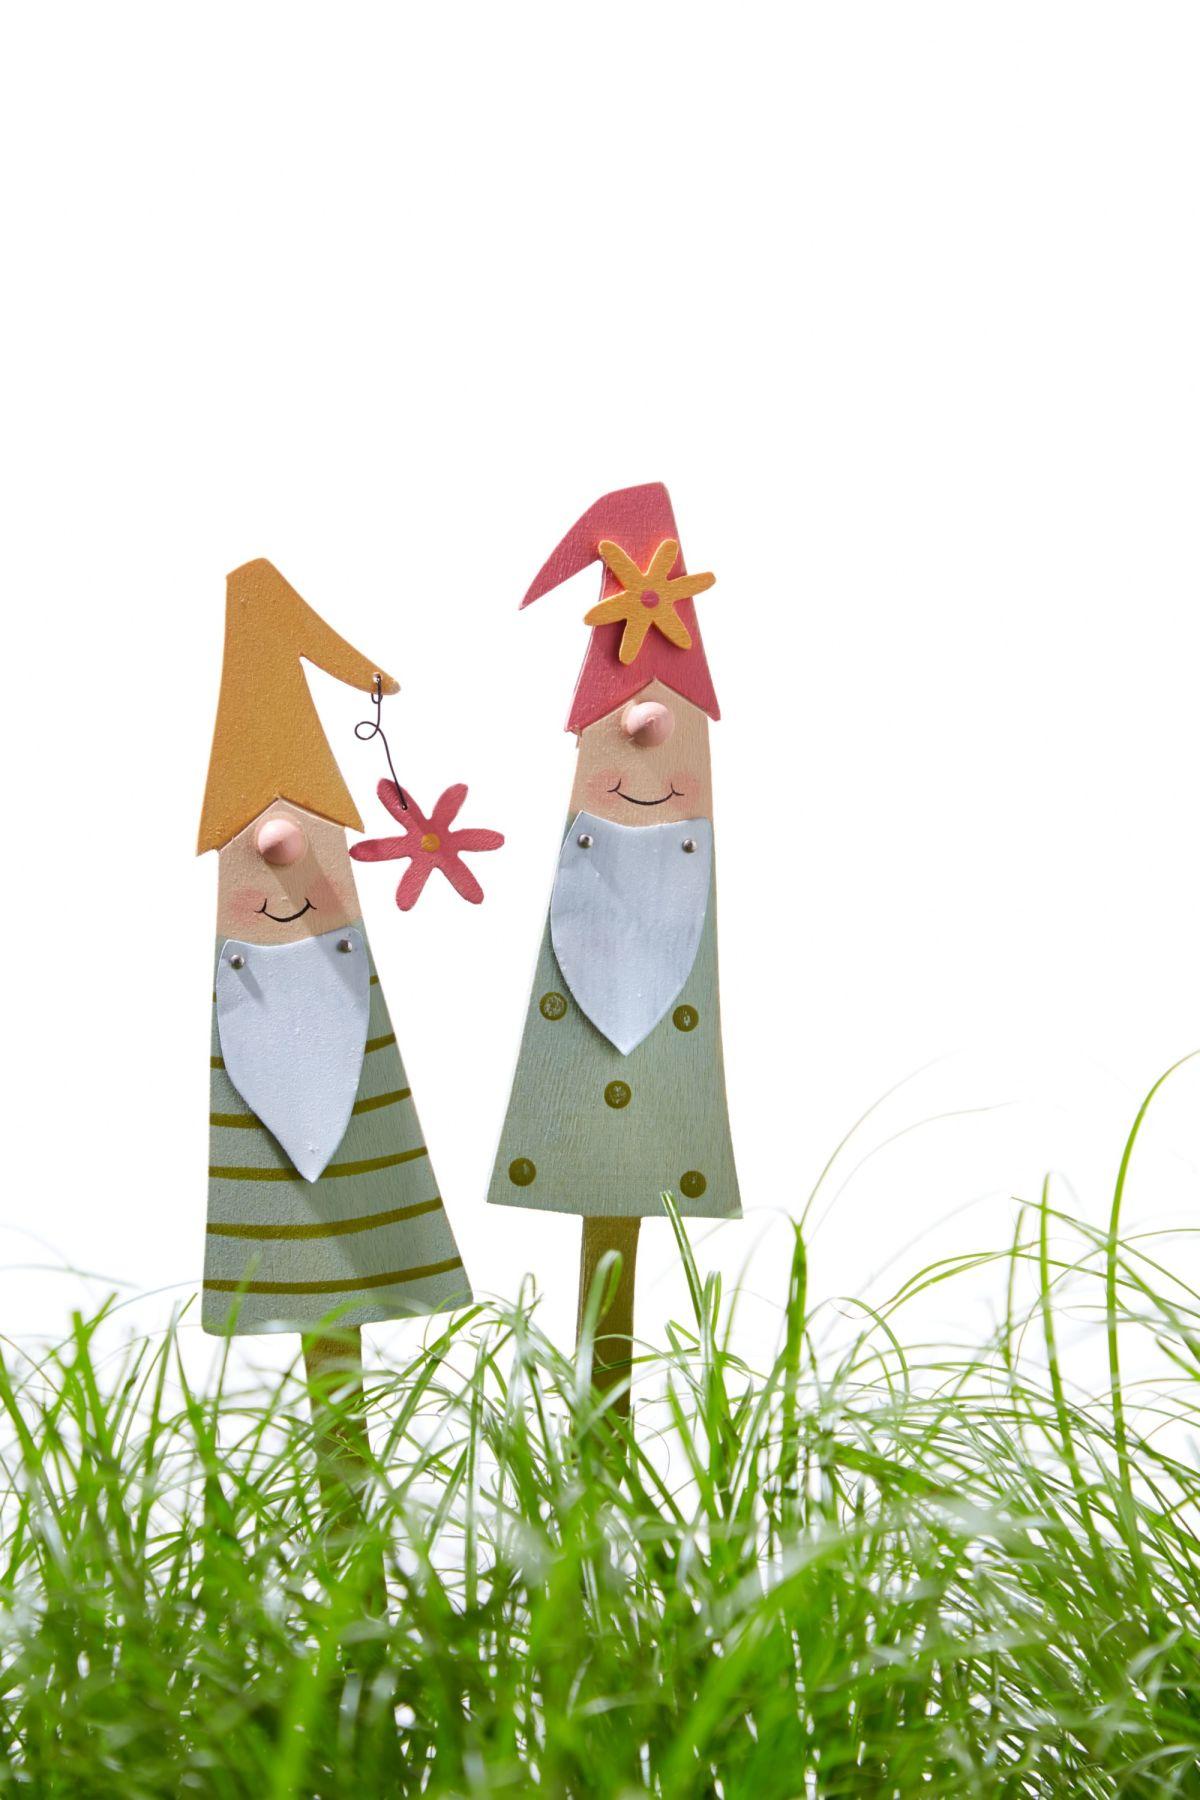 Deko stecker set 2 tlg zwerge rudi willi einfach for Dekostecker weihnachten